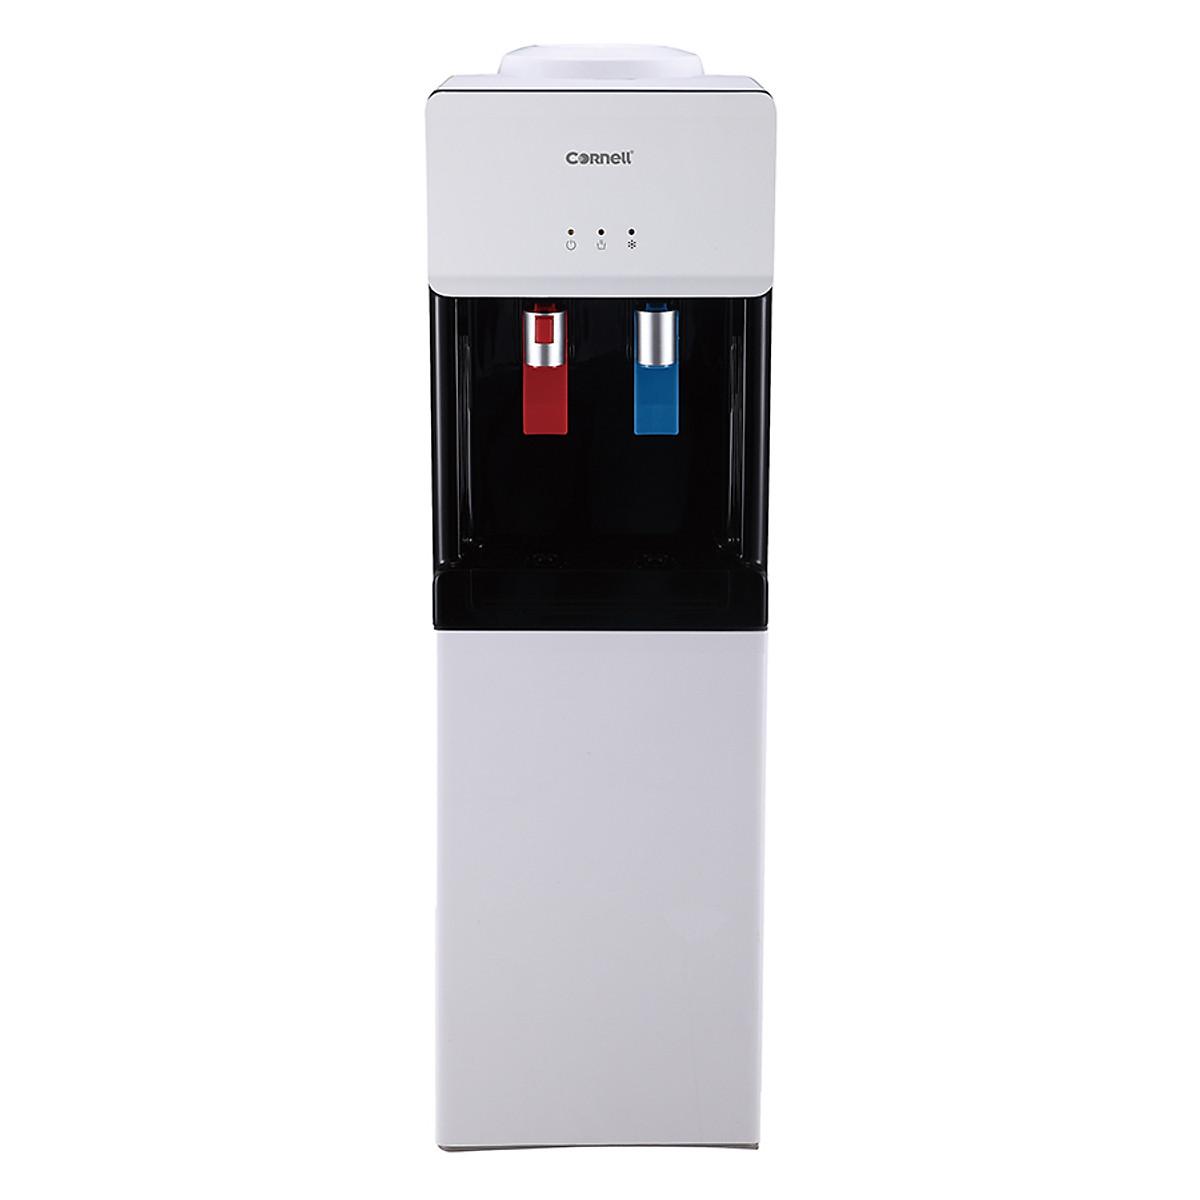 Máy nước nóng lạnh Cornell CWD-P20LF